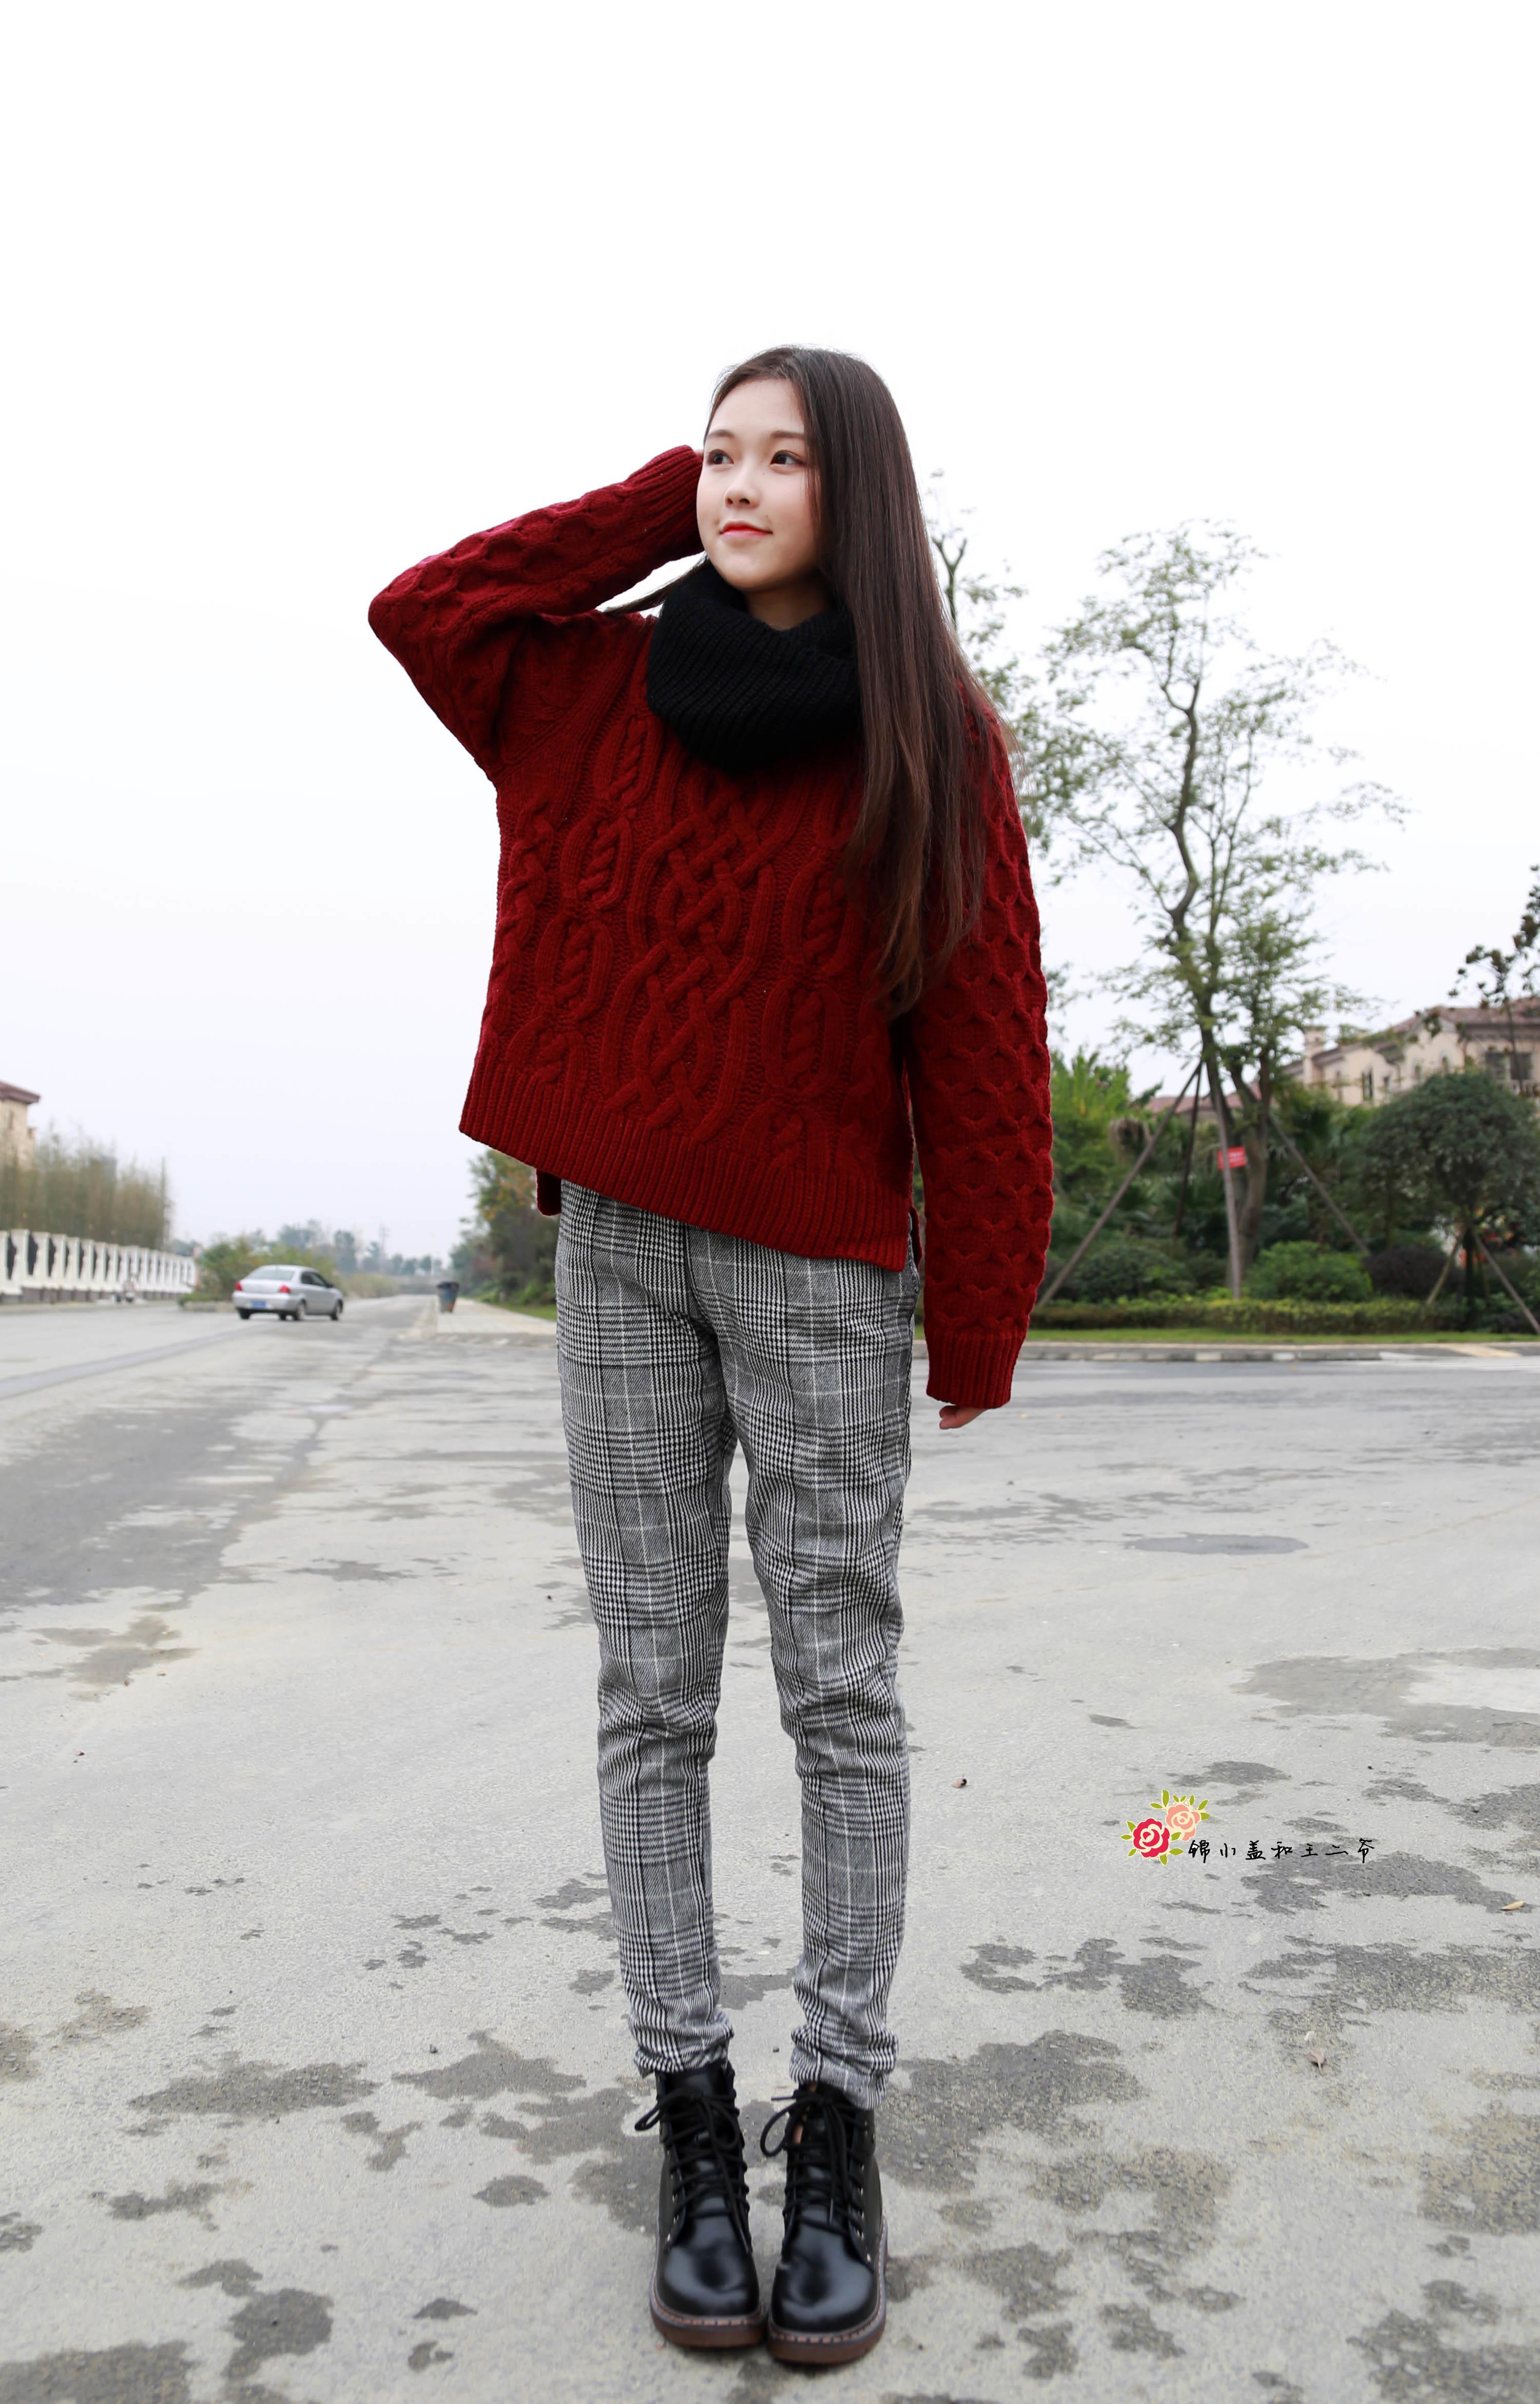 酒红色的毛衣搭配格子长裤